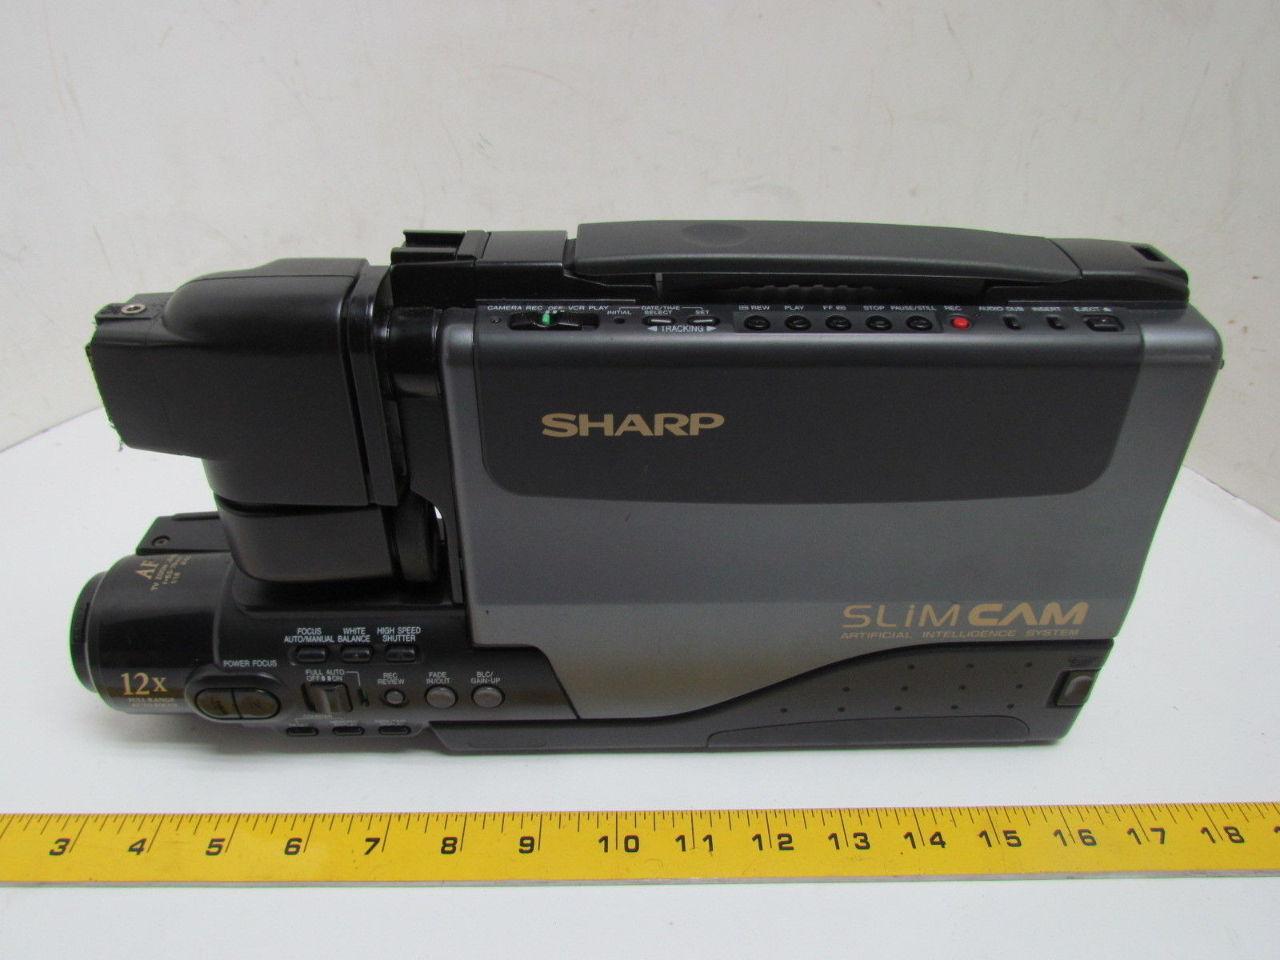 Sharp Vl L50u Slim Cam Vhs Camcorder 12x 6v Battery And